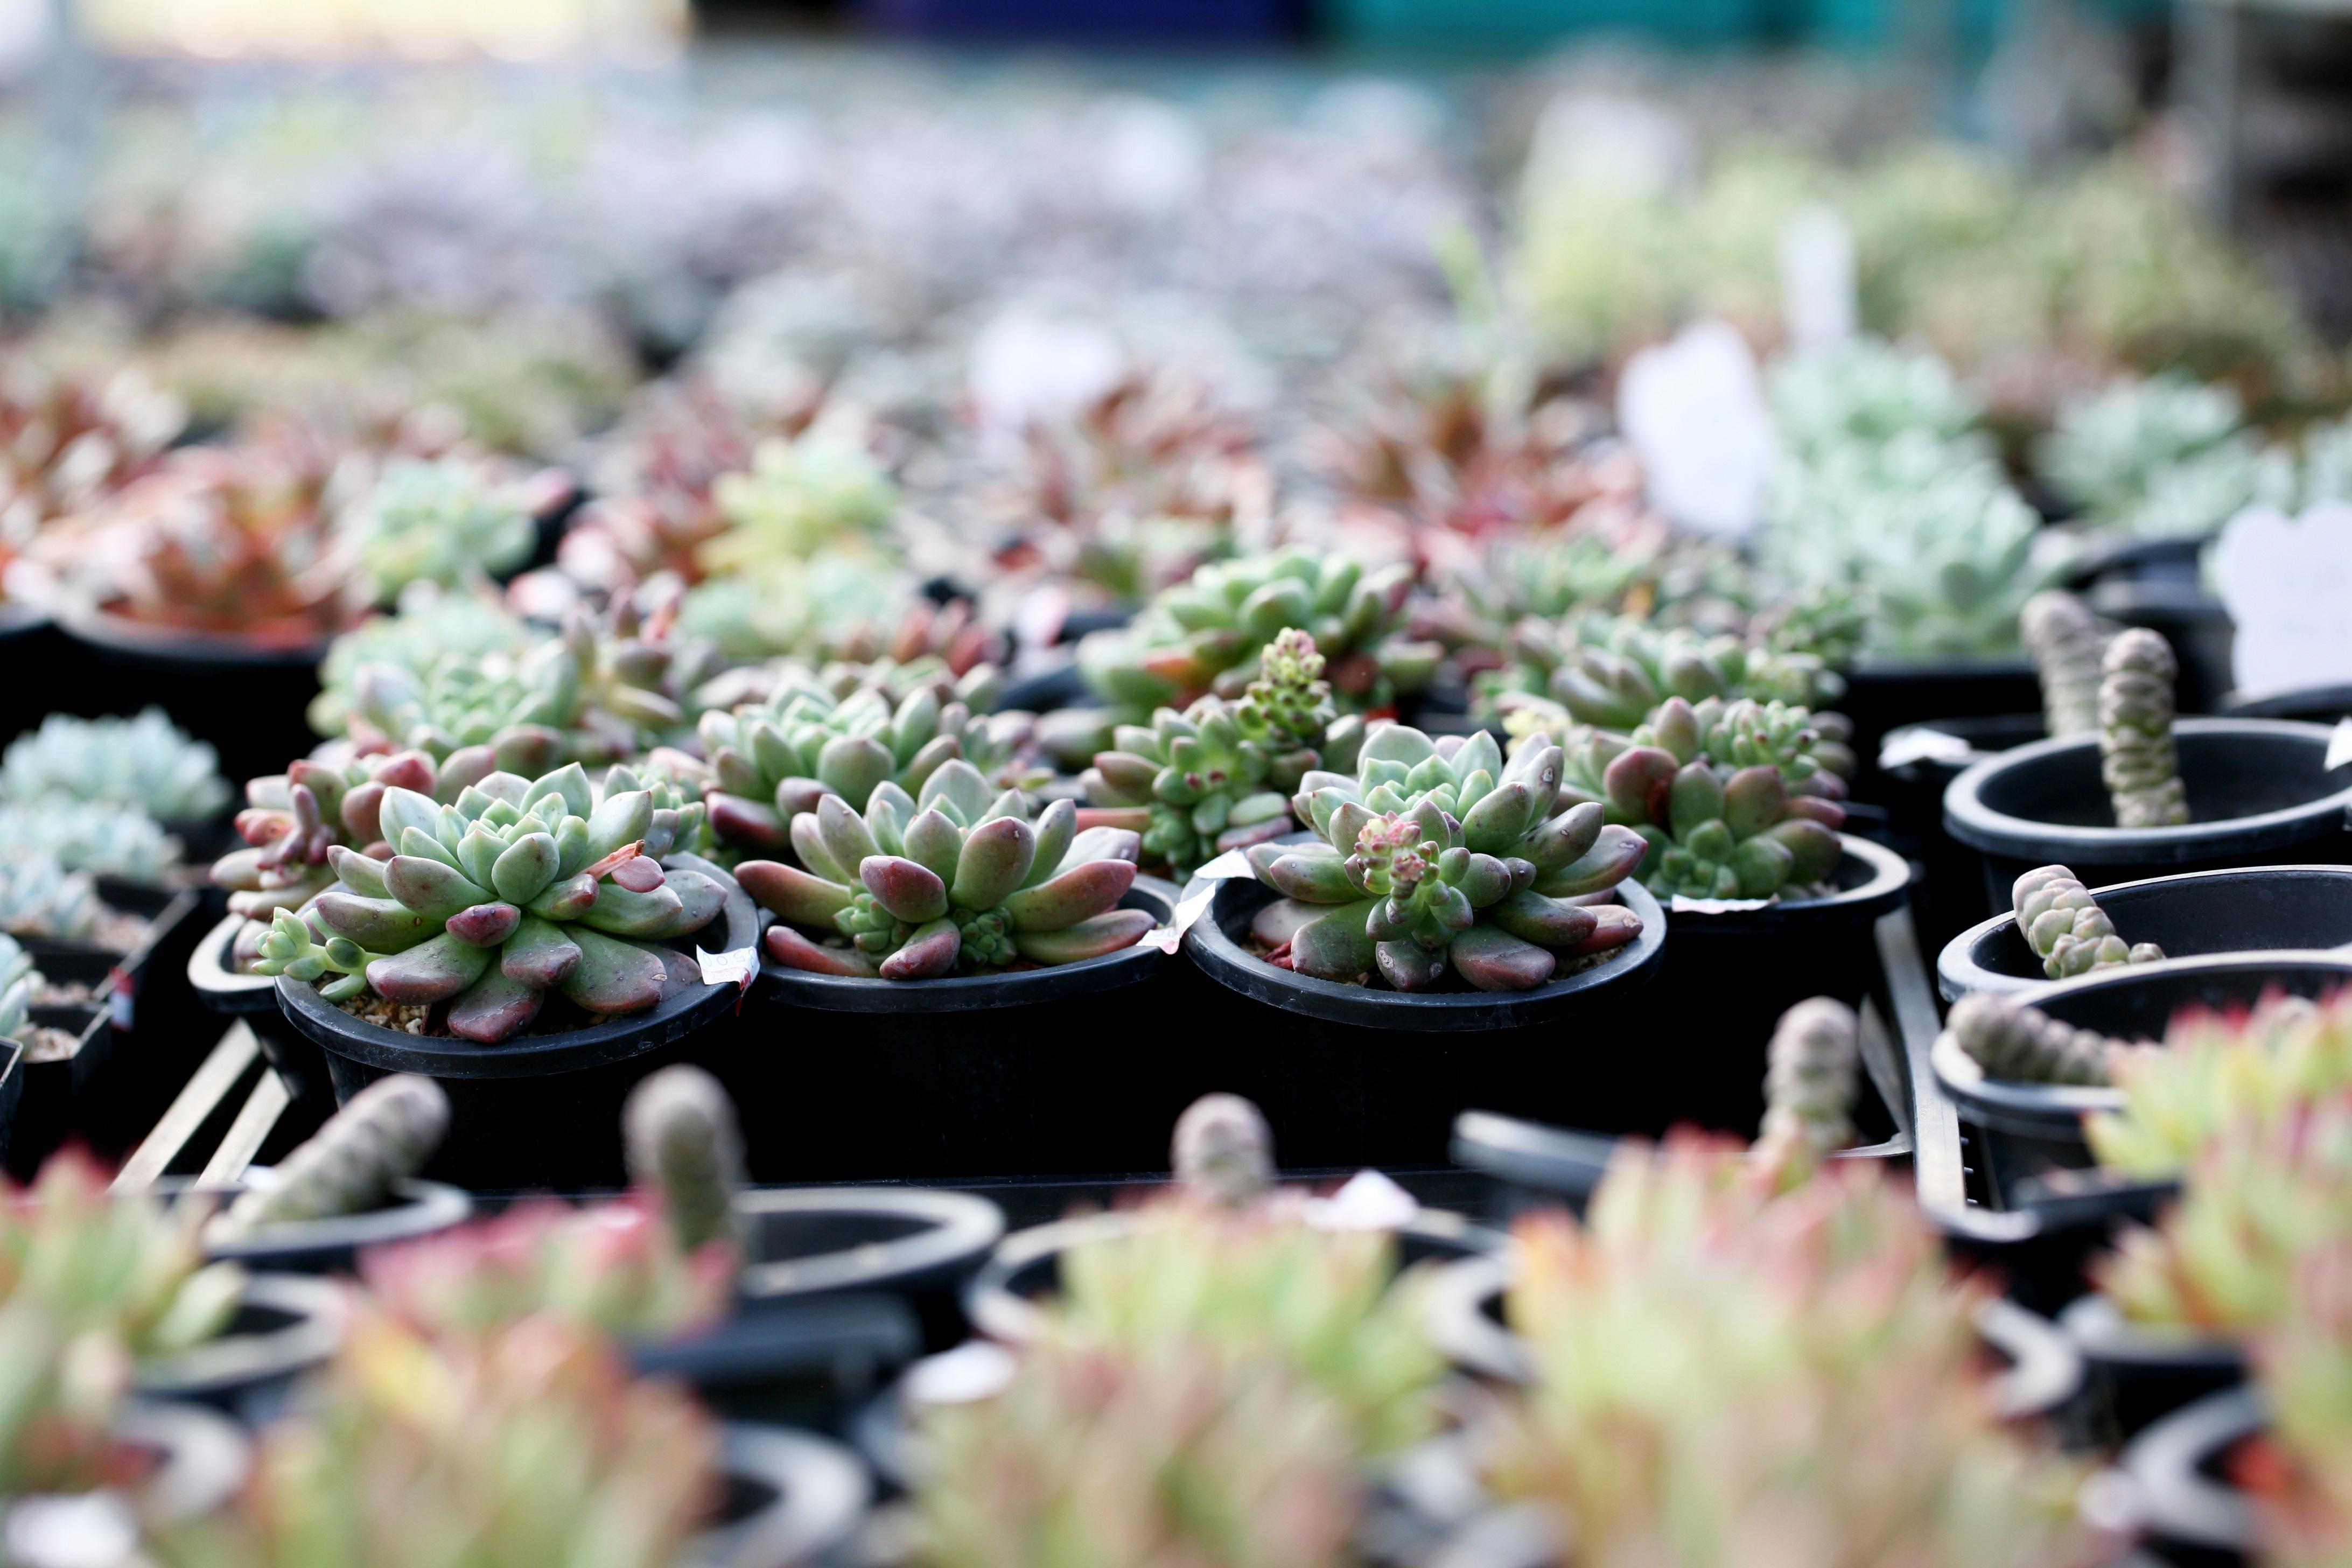 Gambar Alam Kaktus Menanam Botani Lezat Flora Rumah